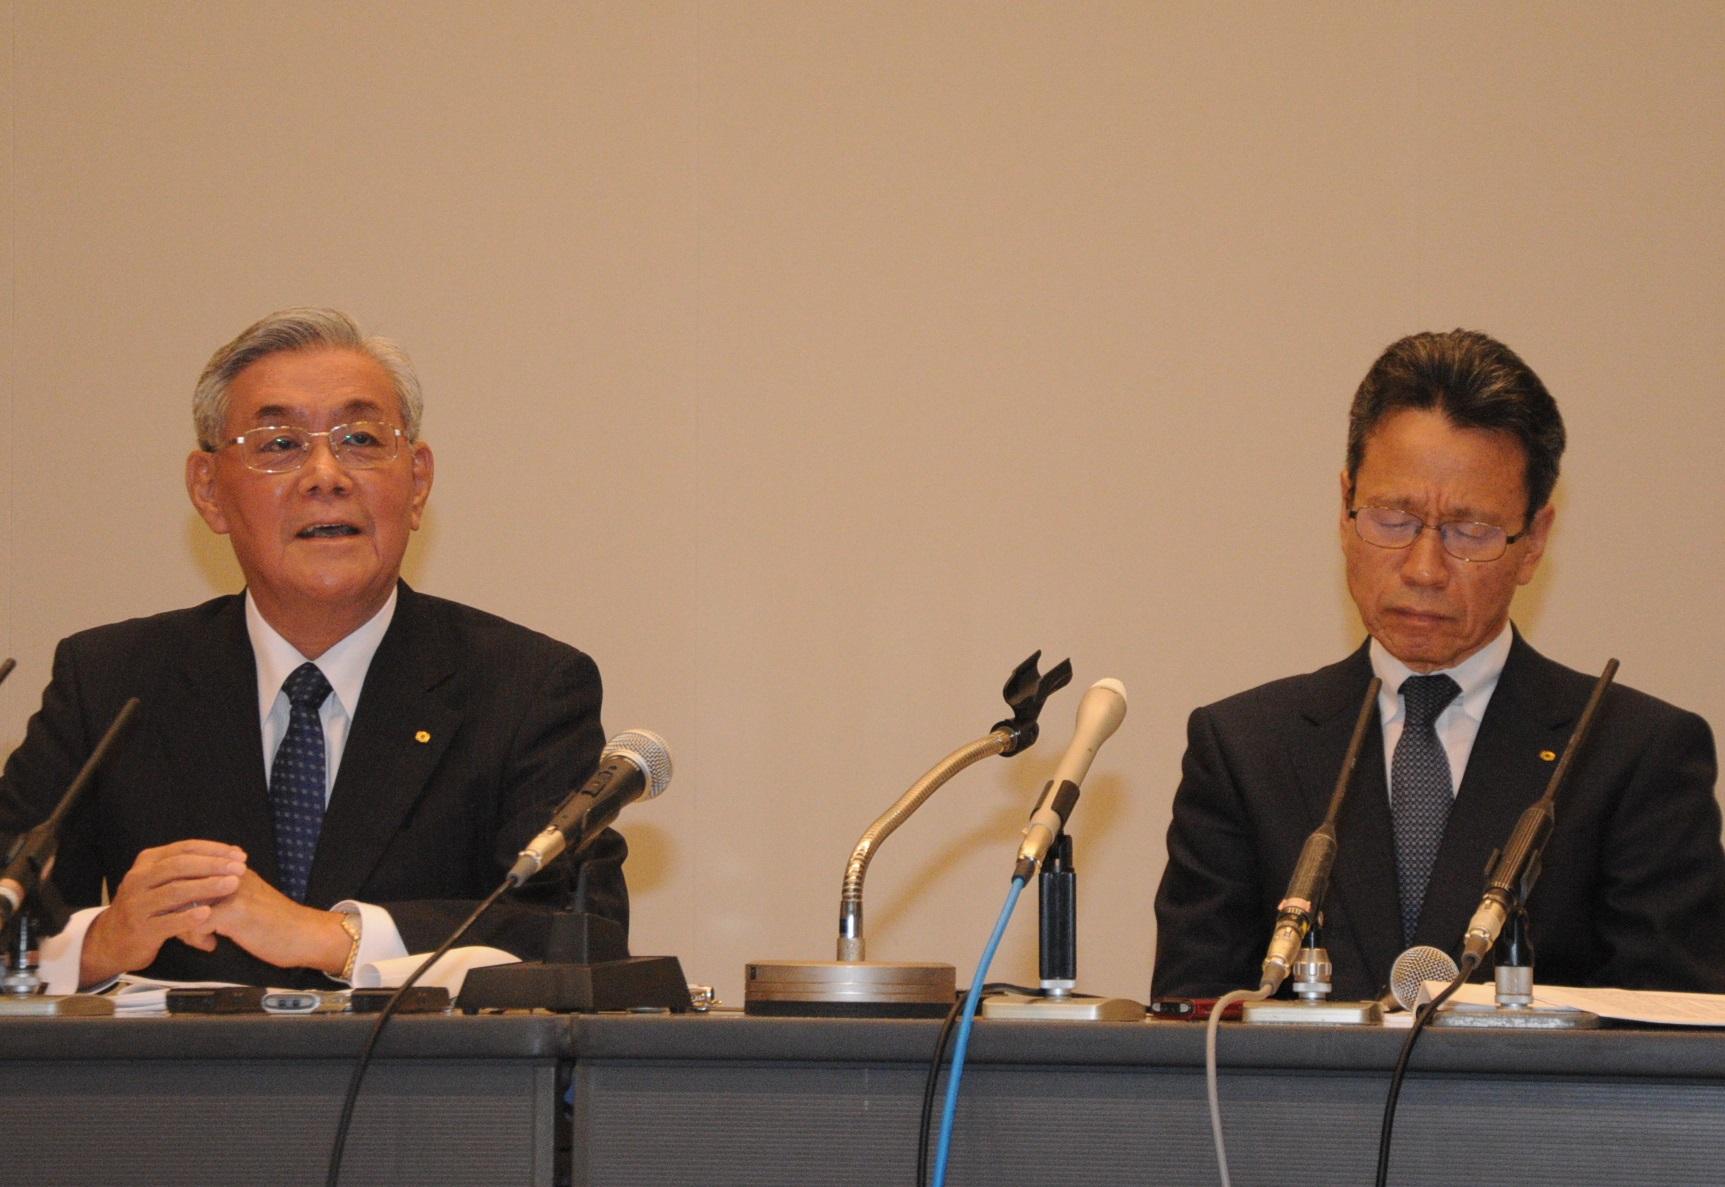 記者会見する関西電力の岩根茂樹社長(右)と八木誠会長。会見中は終始厳しい表情を見せた岩根社長とは対照